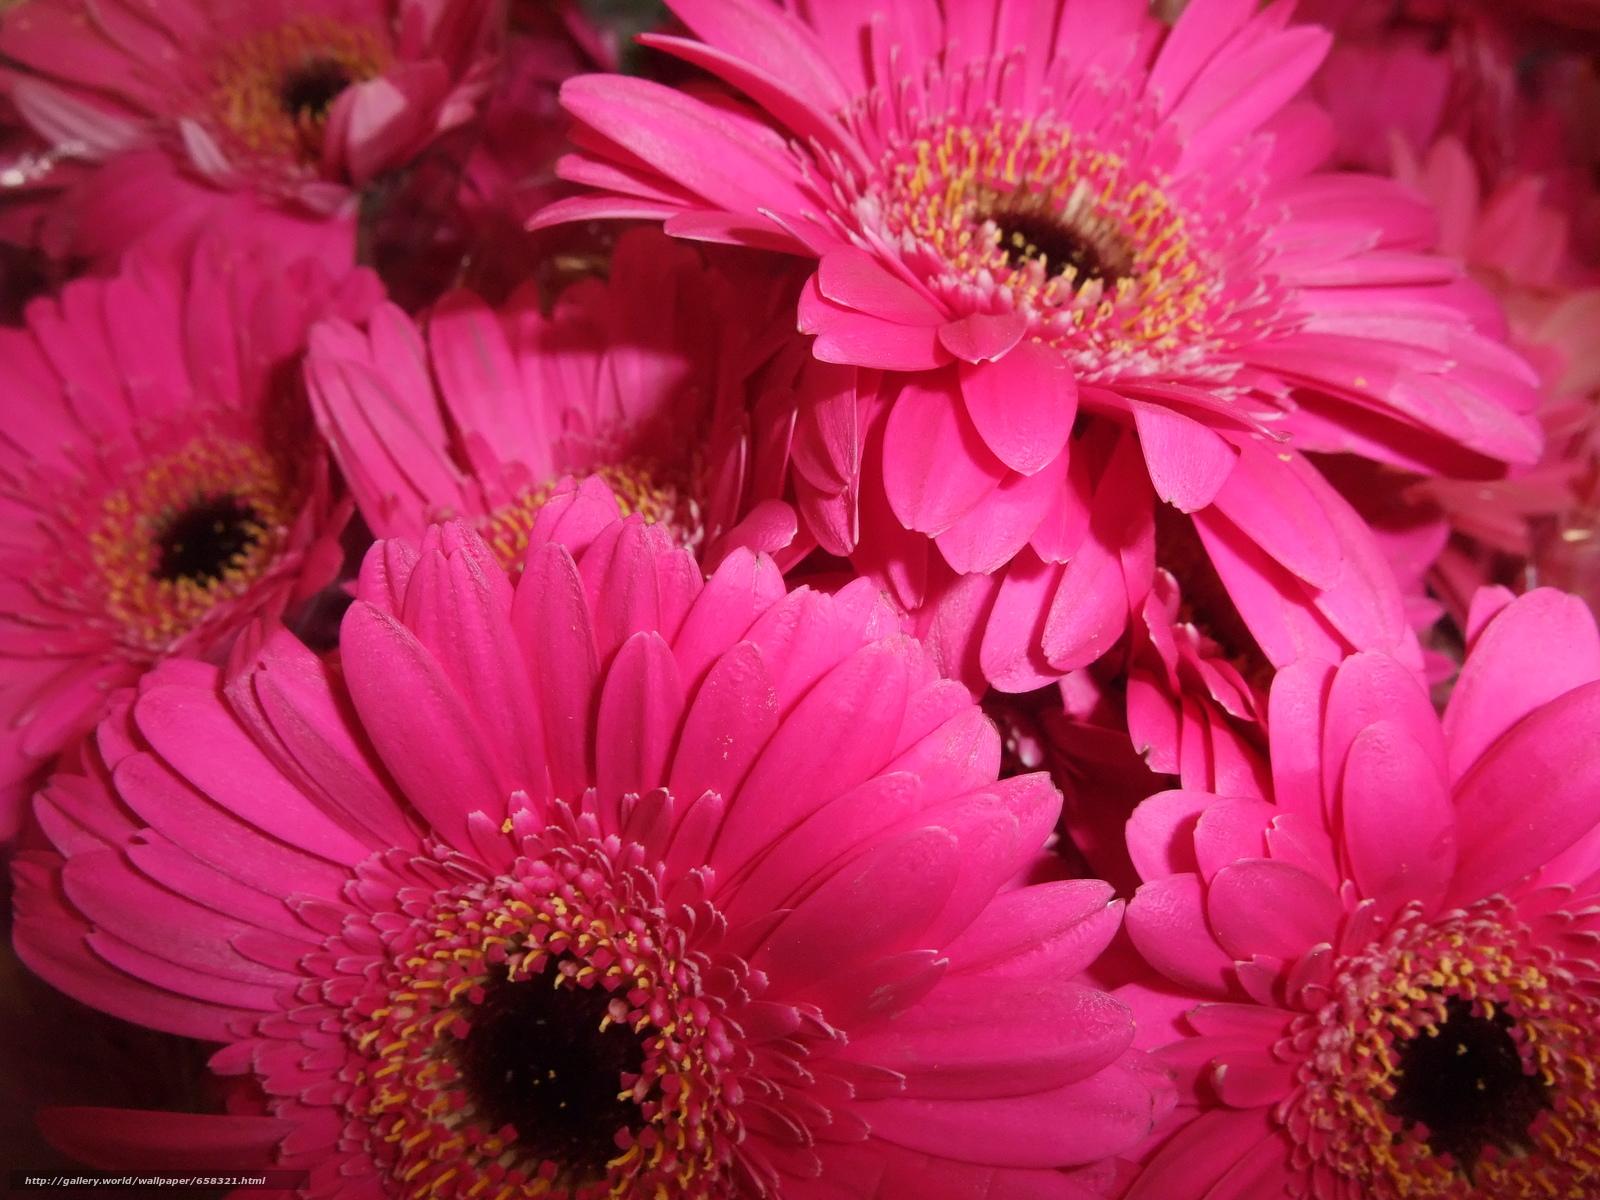 Download Hintergrund Blume,  Blumen,  flora,  Gerbera Freie desktop Tapeten in der Auflosung 4000x3000 — bild №658321